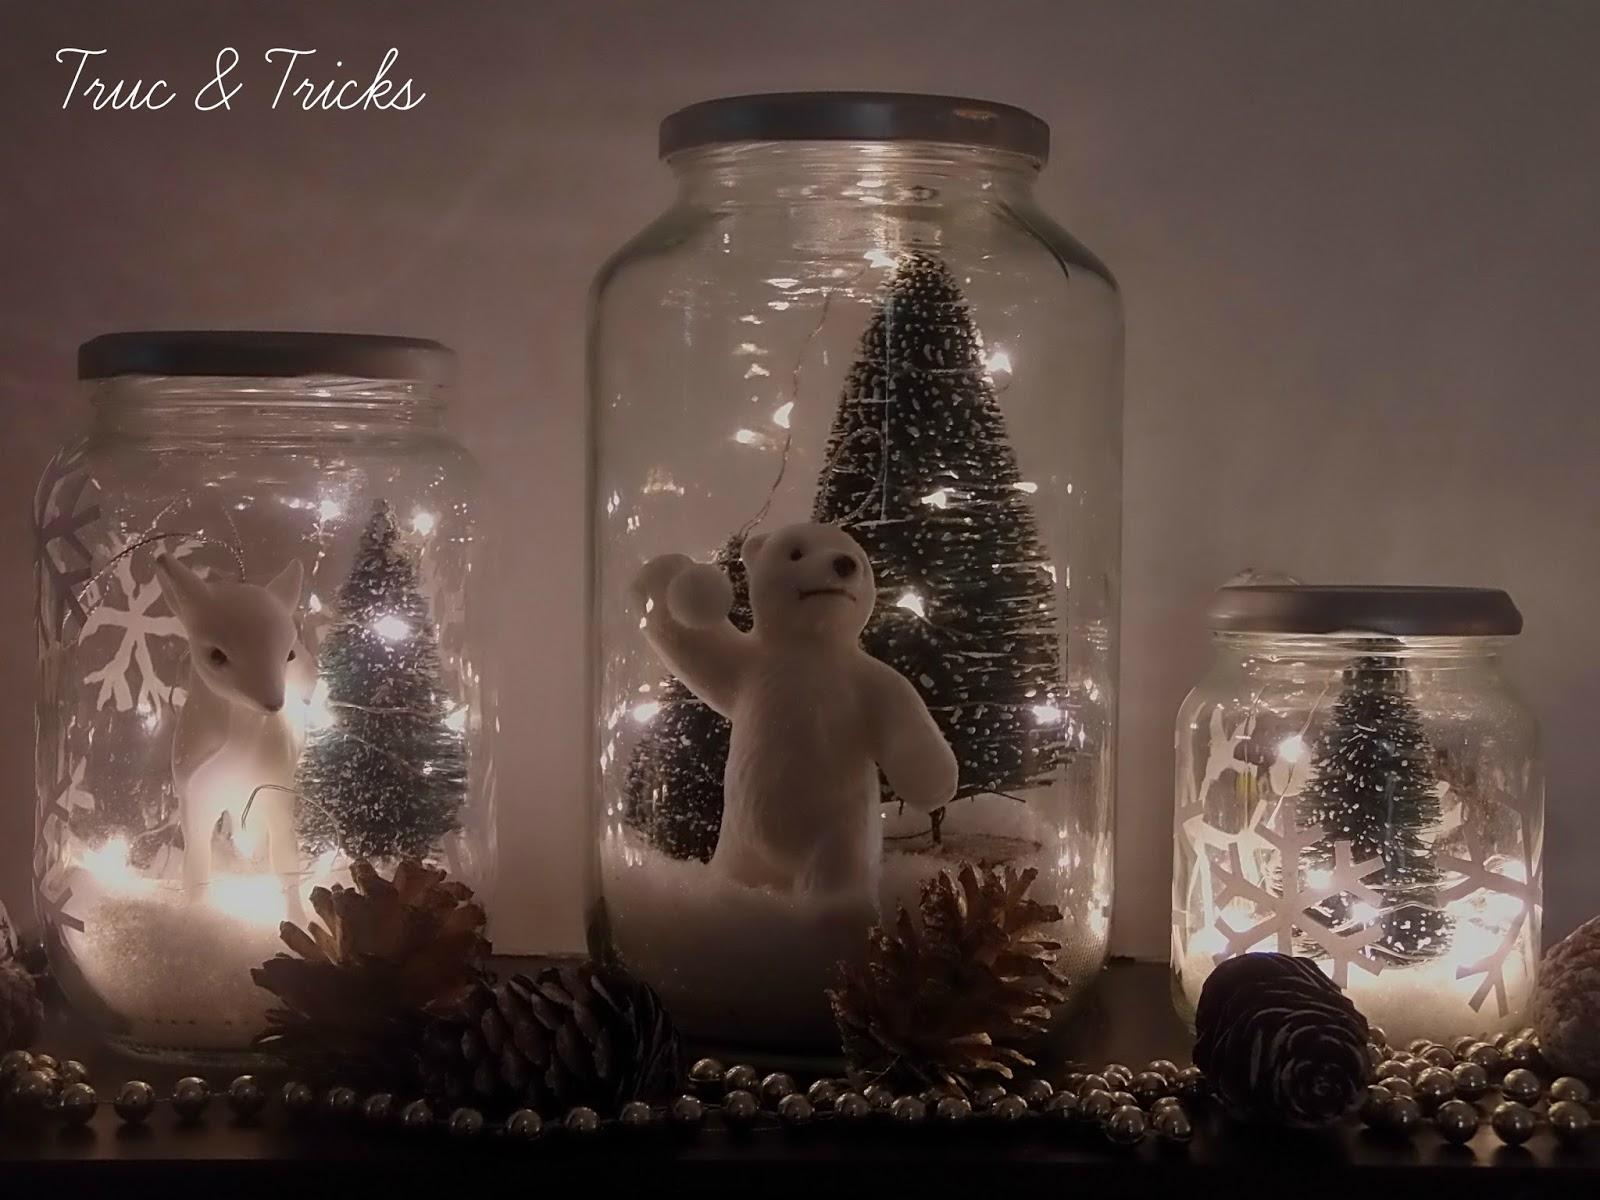 Top Déco de Noël DIY : Noël en bocal - Truc & Tricks PG01